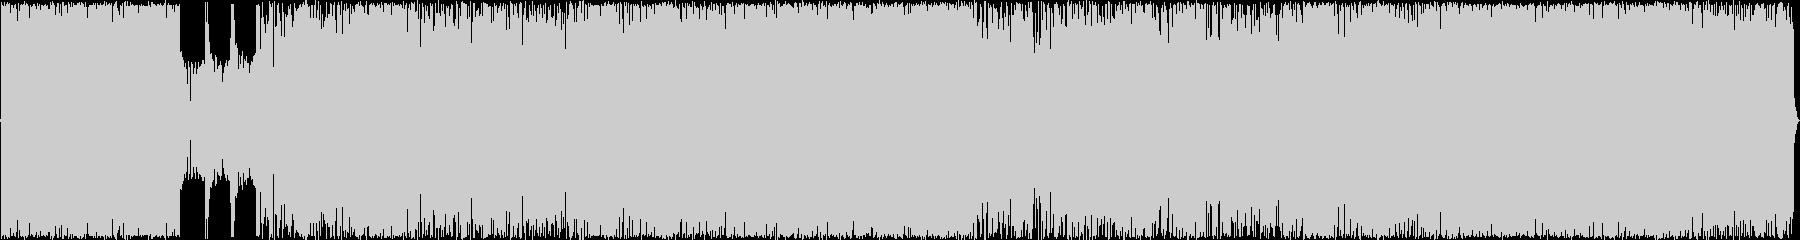 アップテンポのメロコアオケ風楽曲の未再生の波形